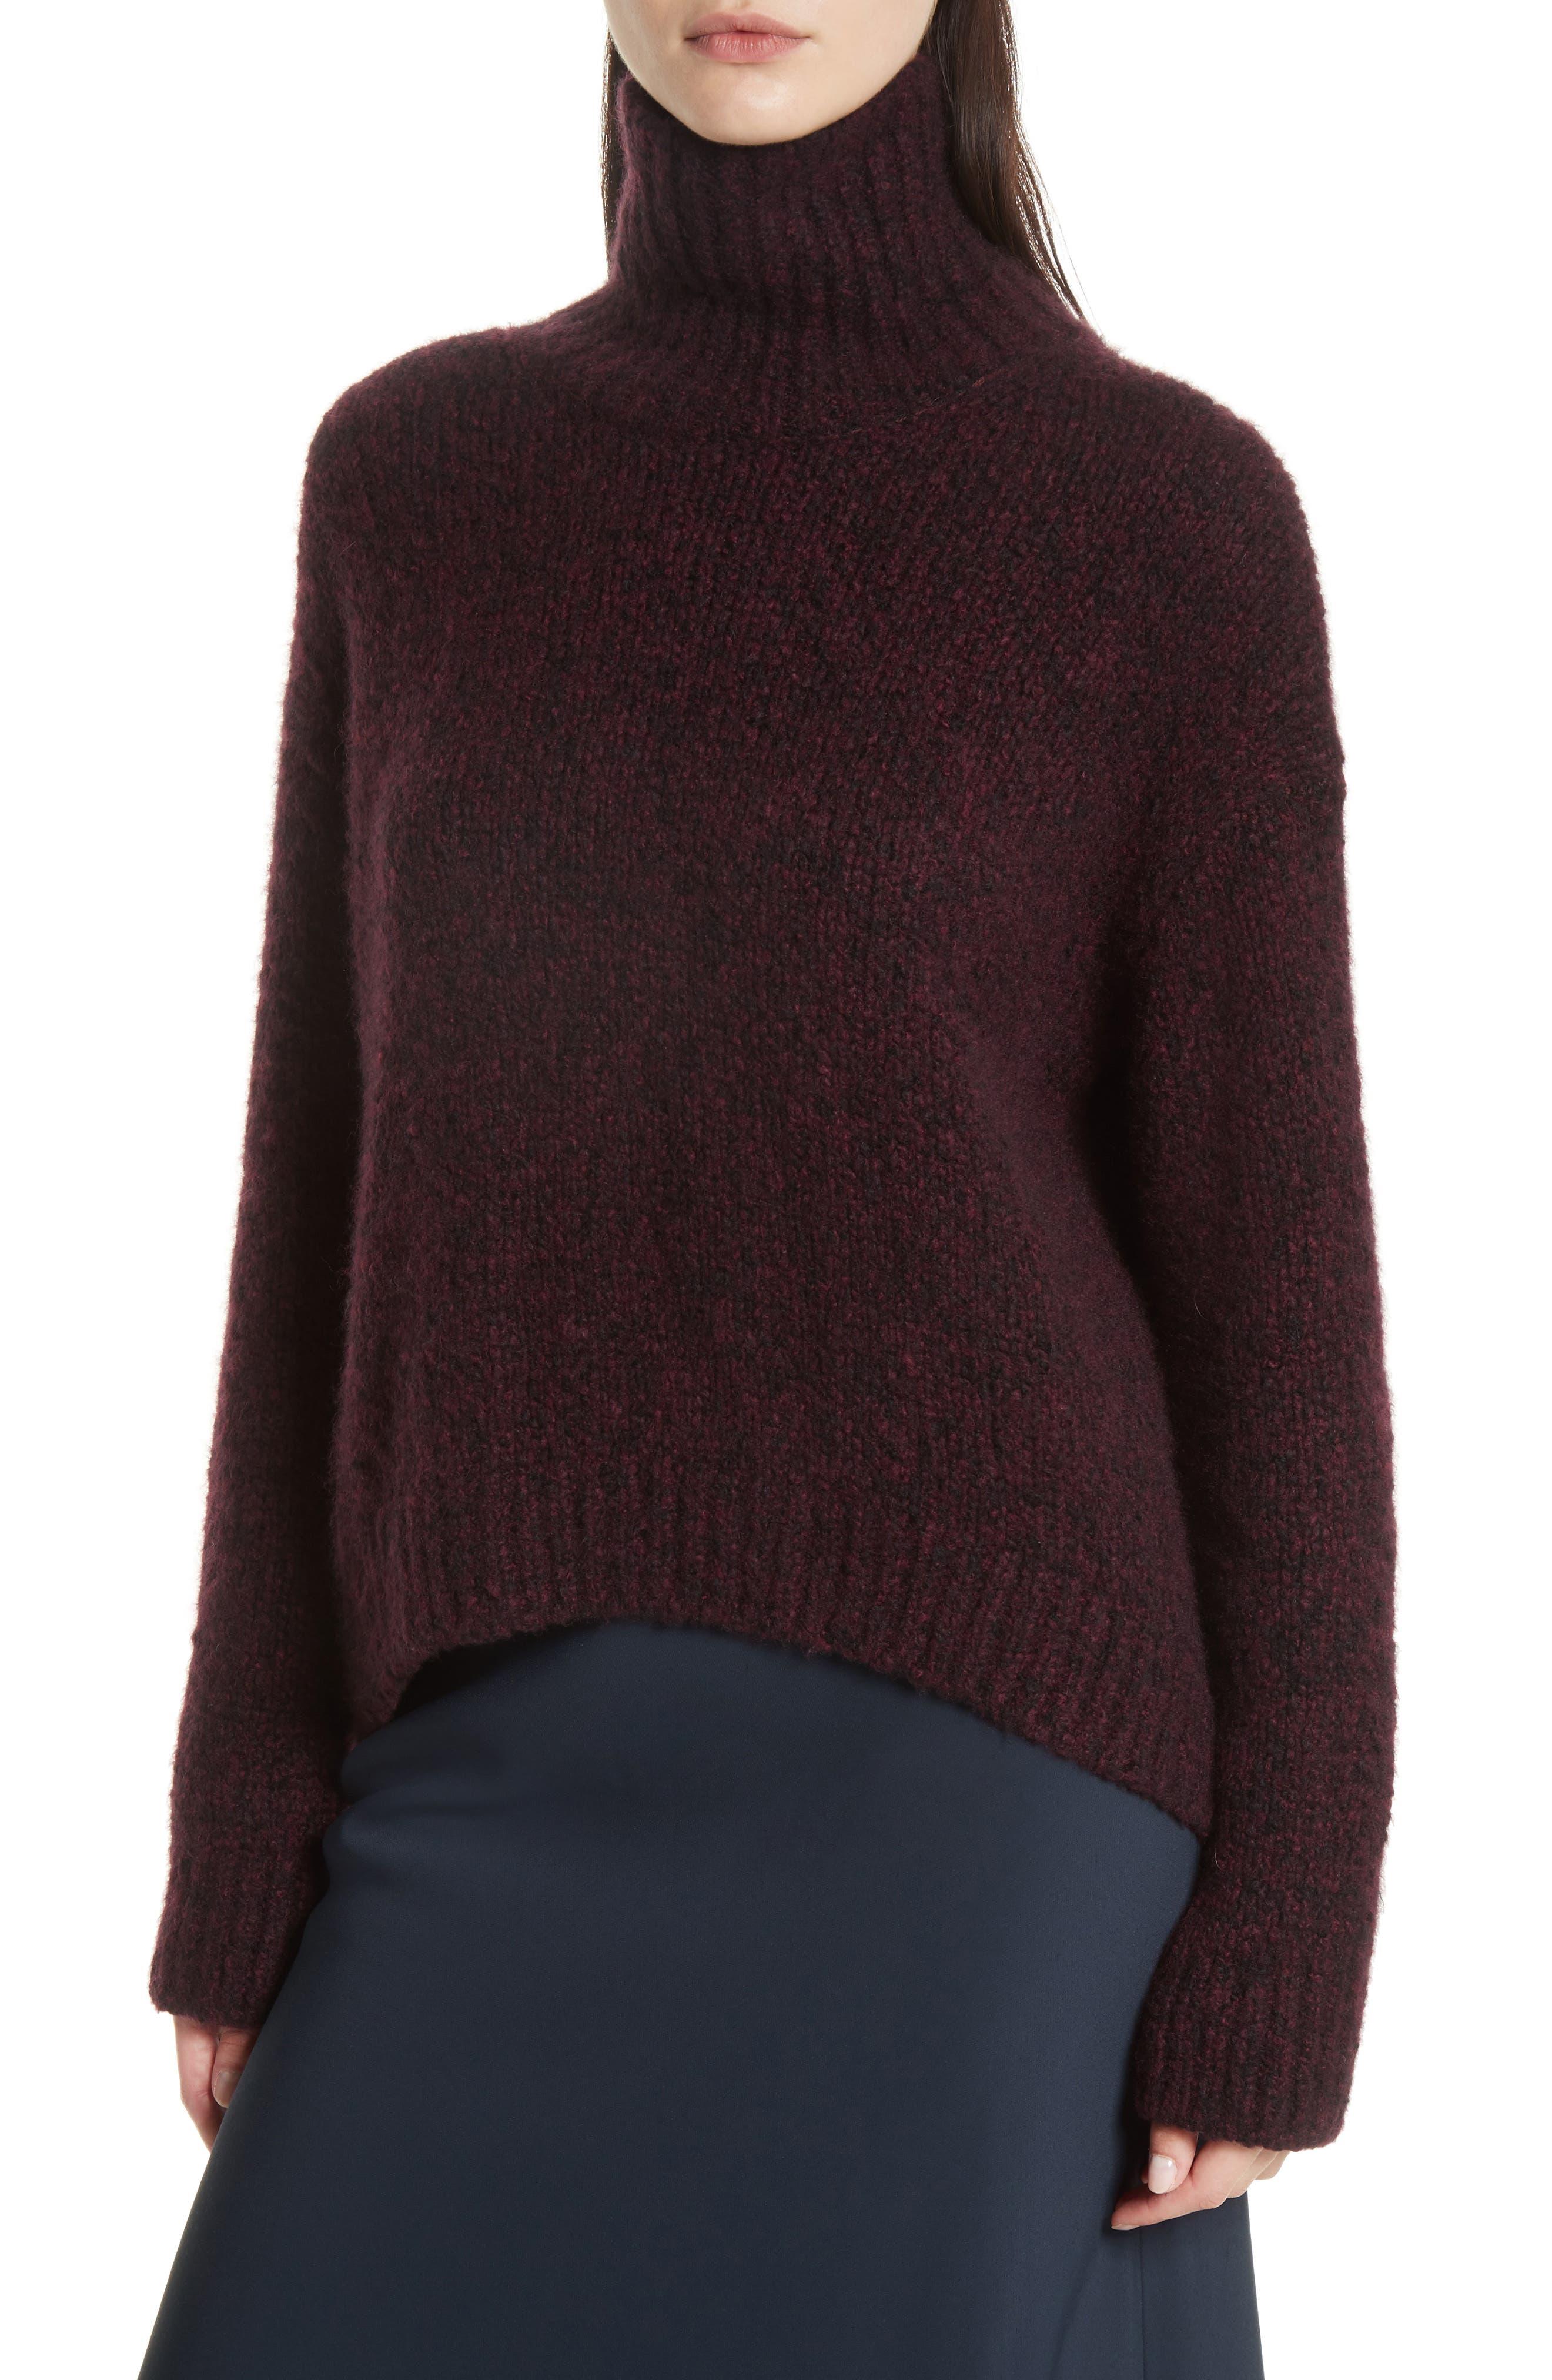 Vince Marled Turtleneck Sweater